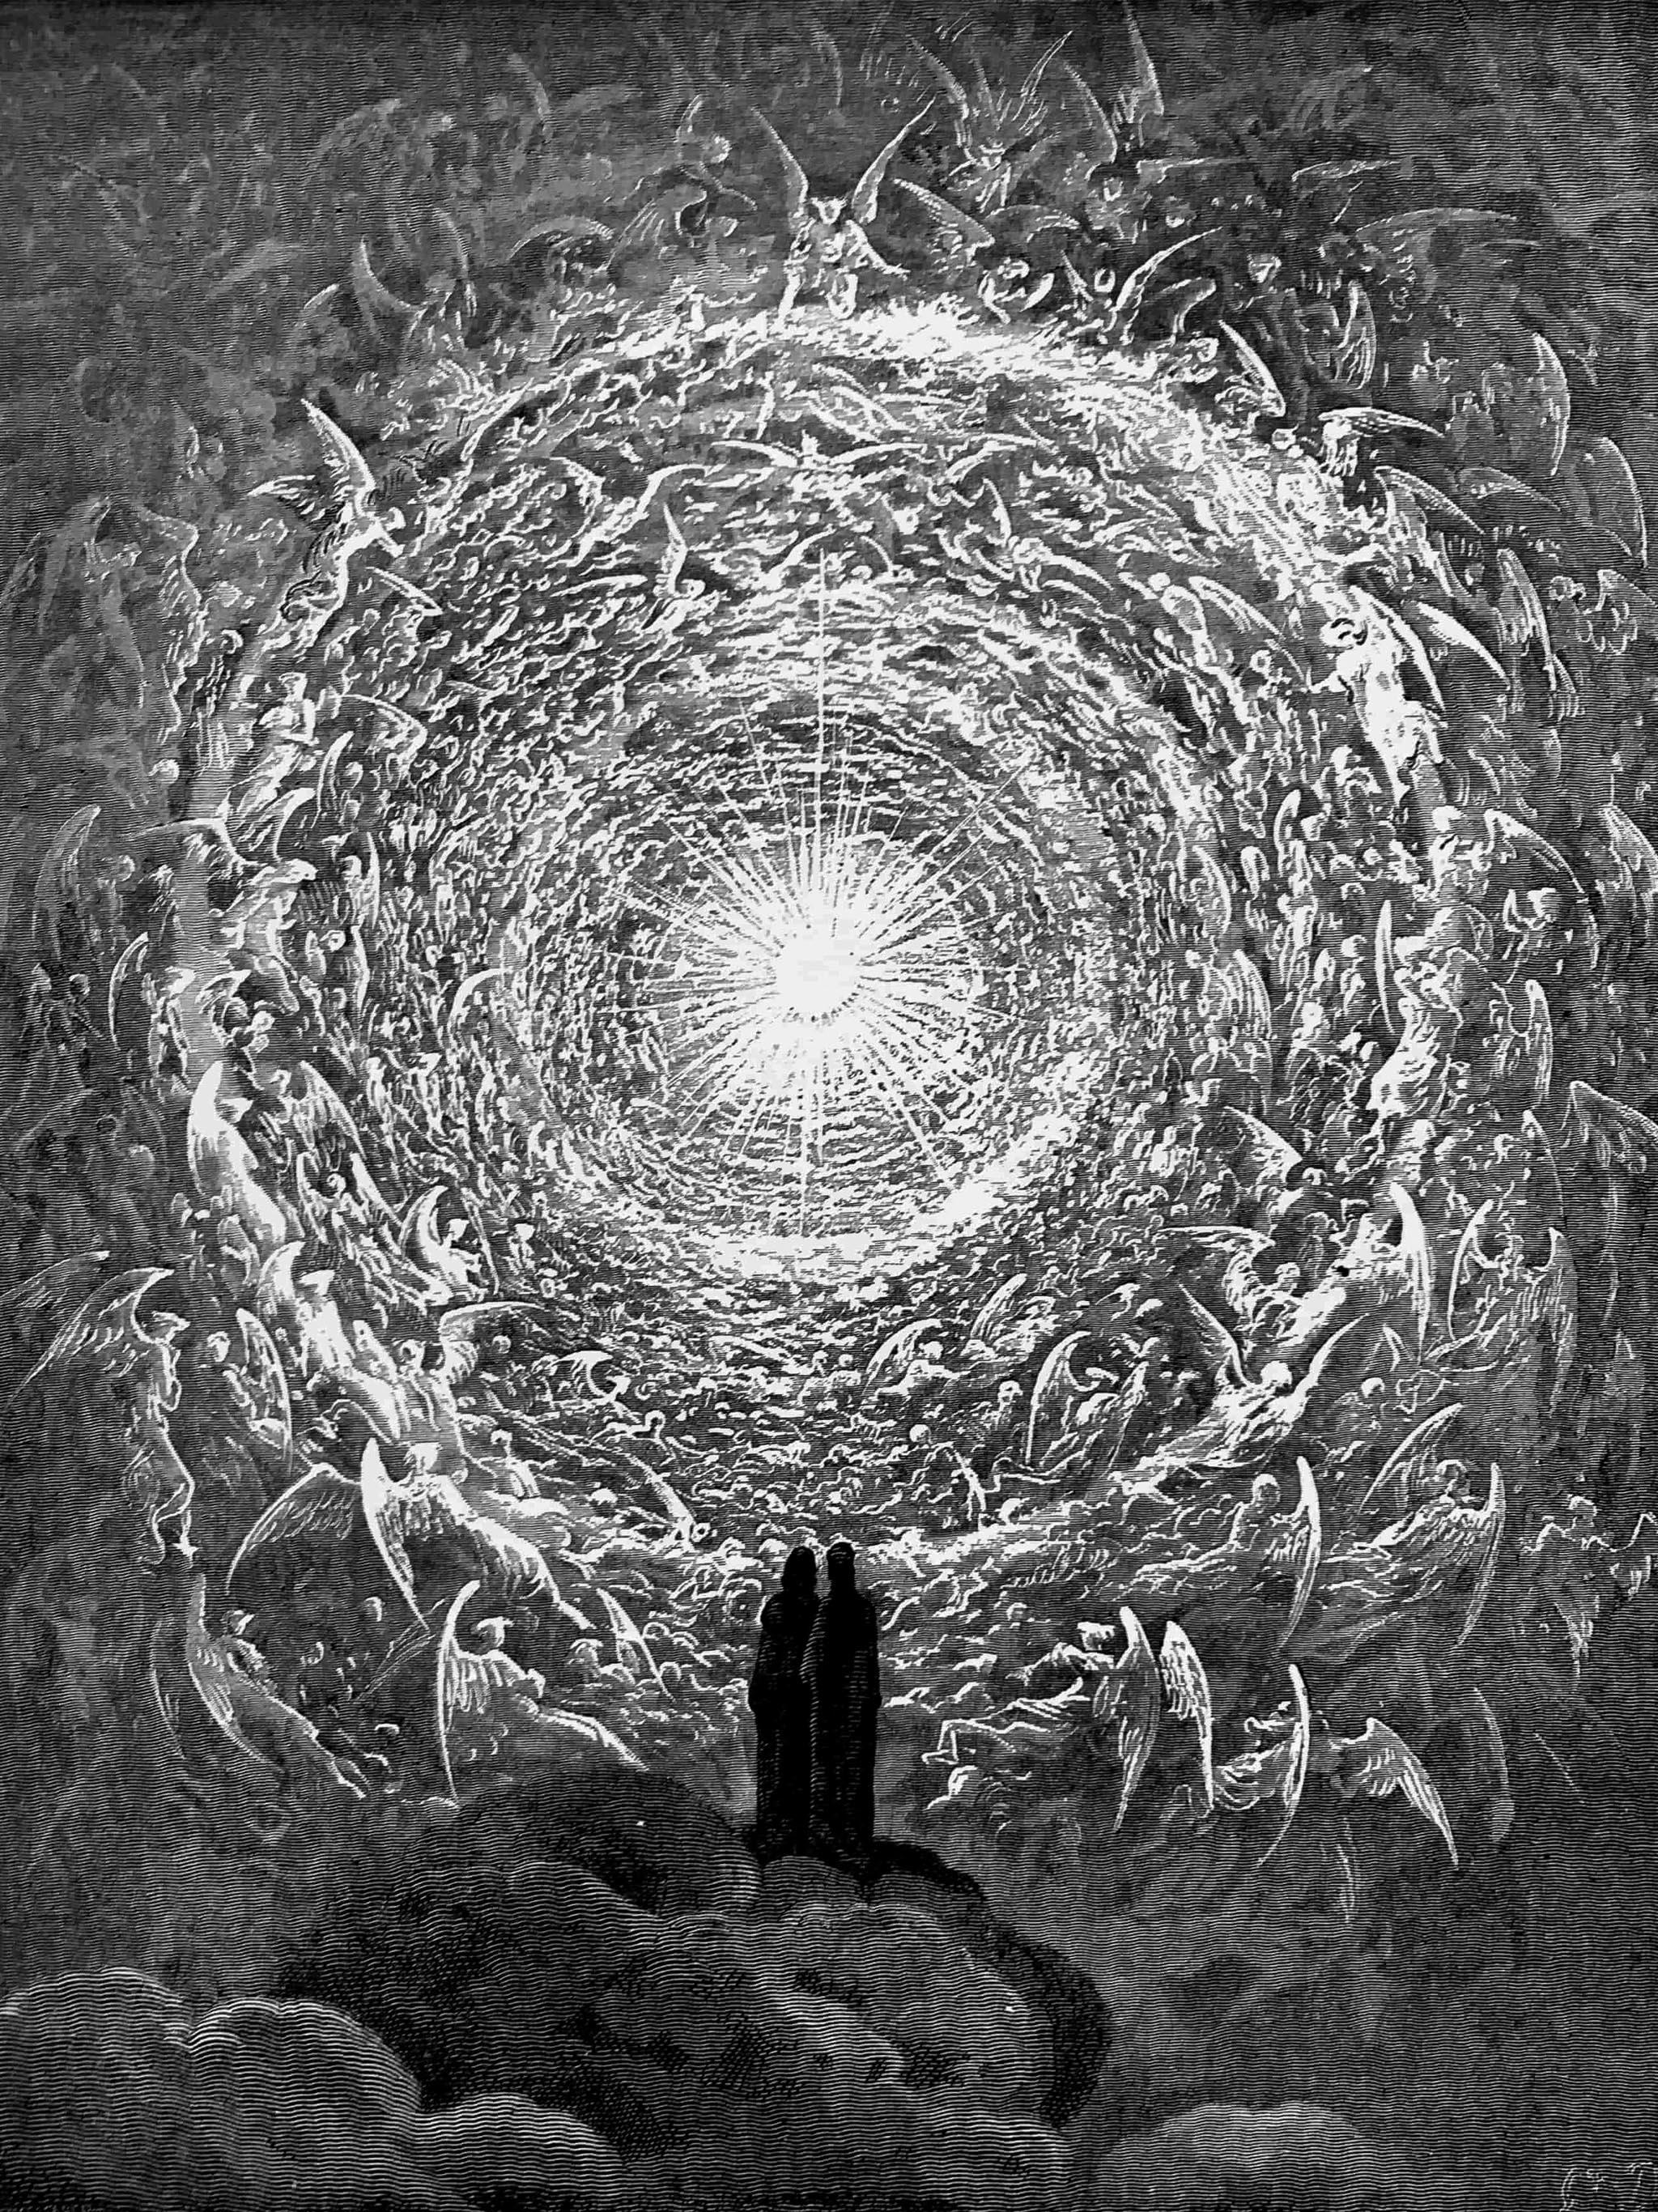 ギュスターブ・ドレ ダンテ 神曲 Gustave Dore - The Empyrean 2048x2732